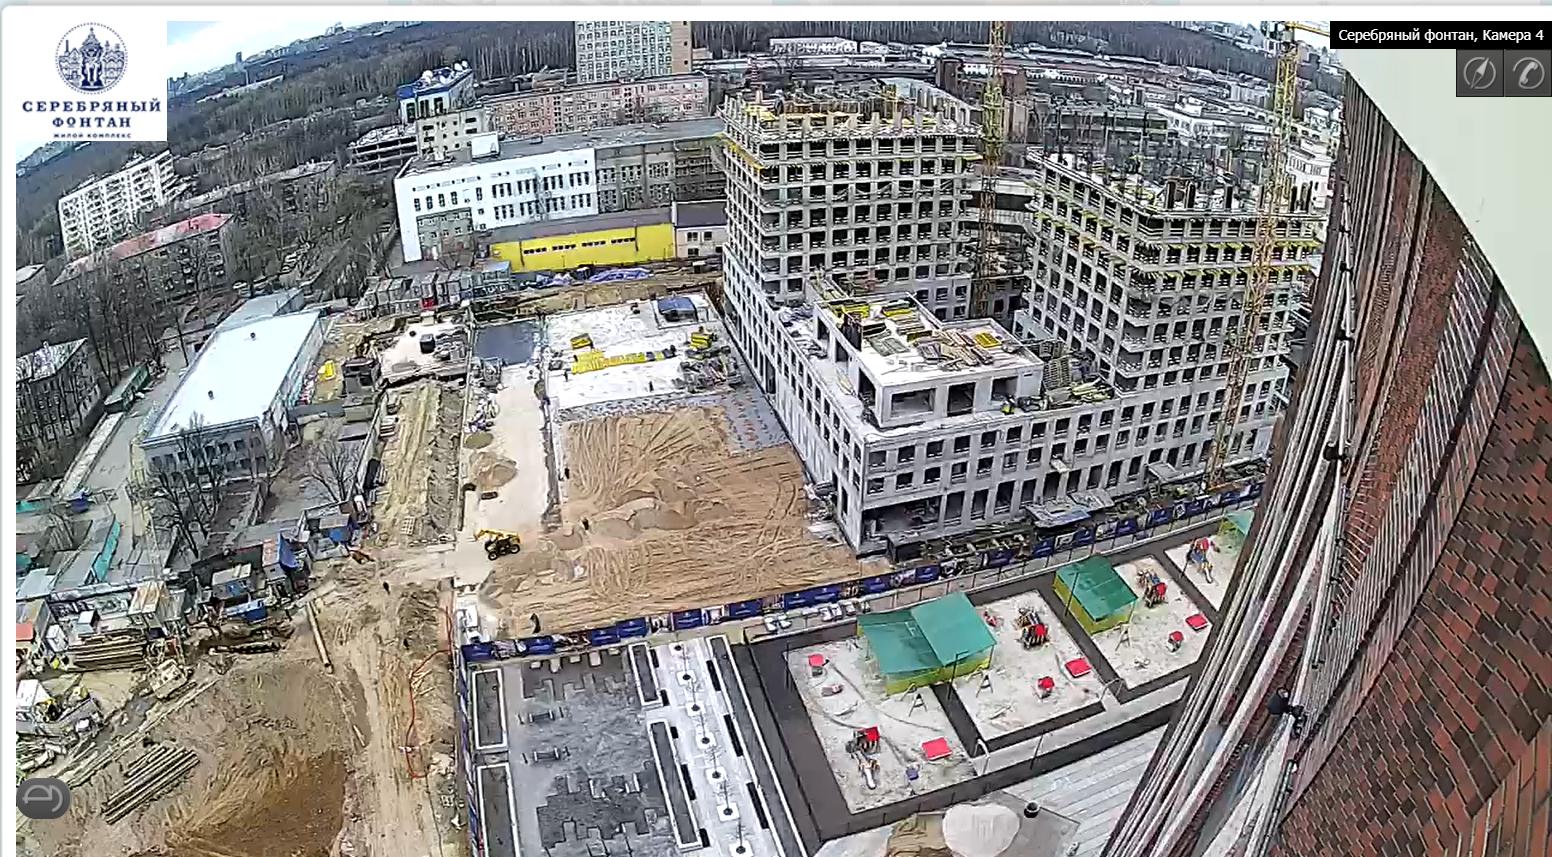 Веб-камеры на площадке строительства ЖК «Серебряный фонтан»  - Страница 20 2lsuhKZL